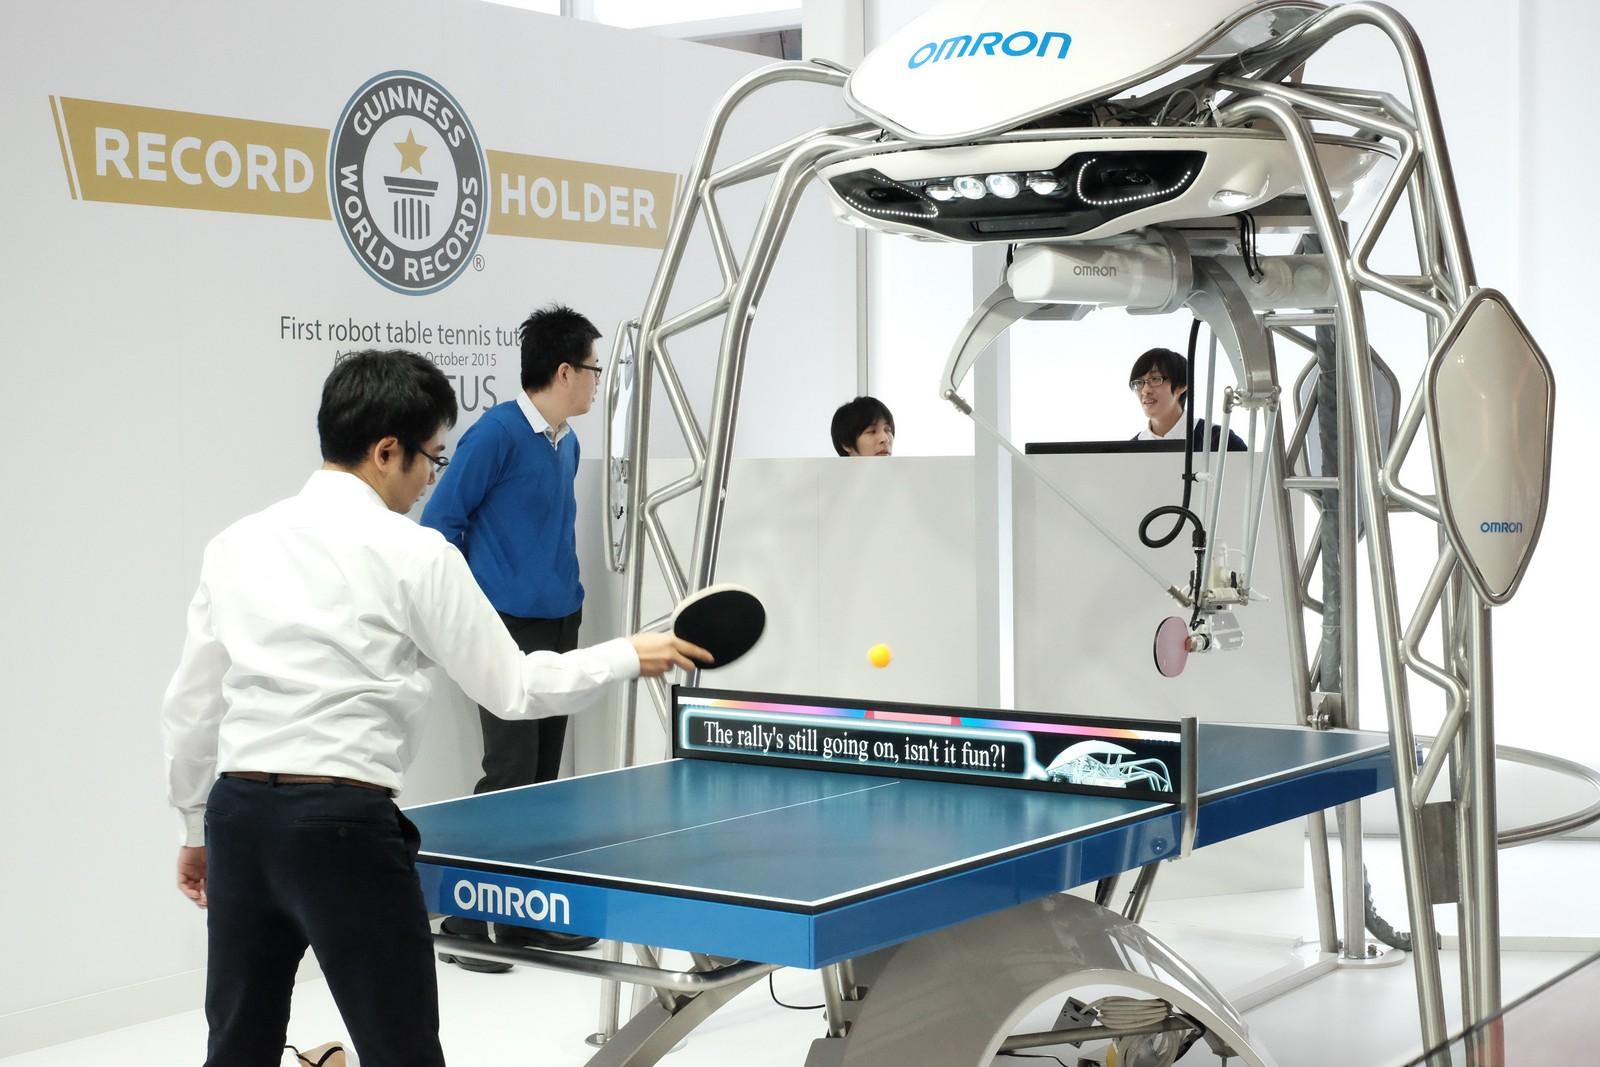 Der 'Tischtennisroboter' war auch auf der Hannover Messe 2017 ein Hingucker. was so spielerisch aussieht hat jede Menge Ingenieure beschäftigt, die die dahinterliegende Steuerung 'intellligent' gemacht haben.